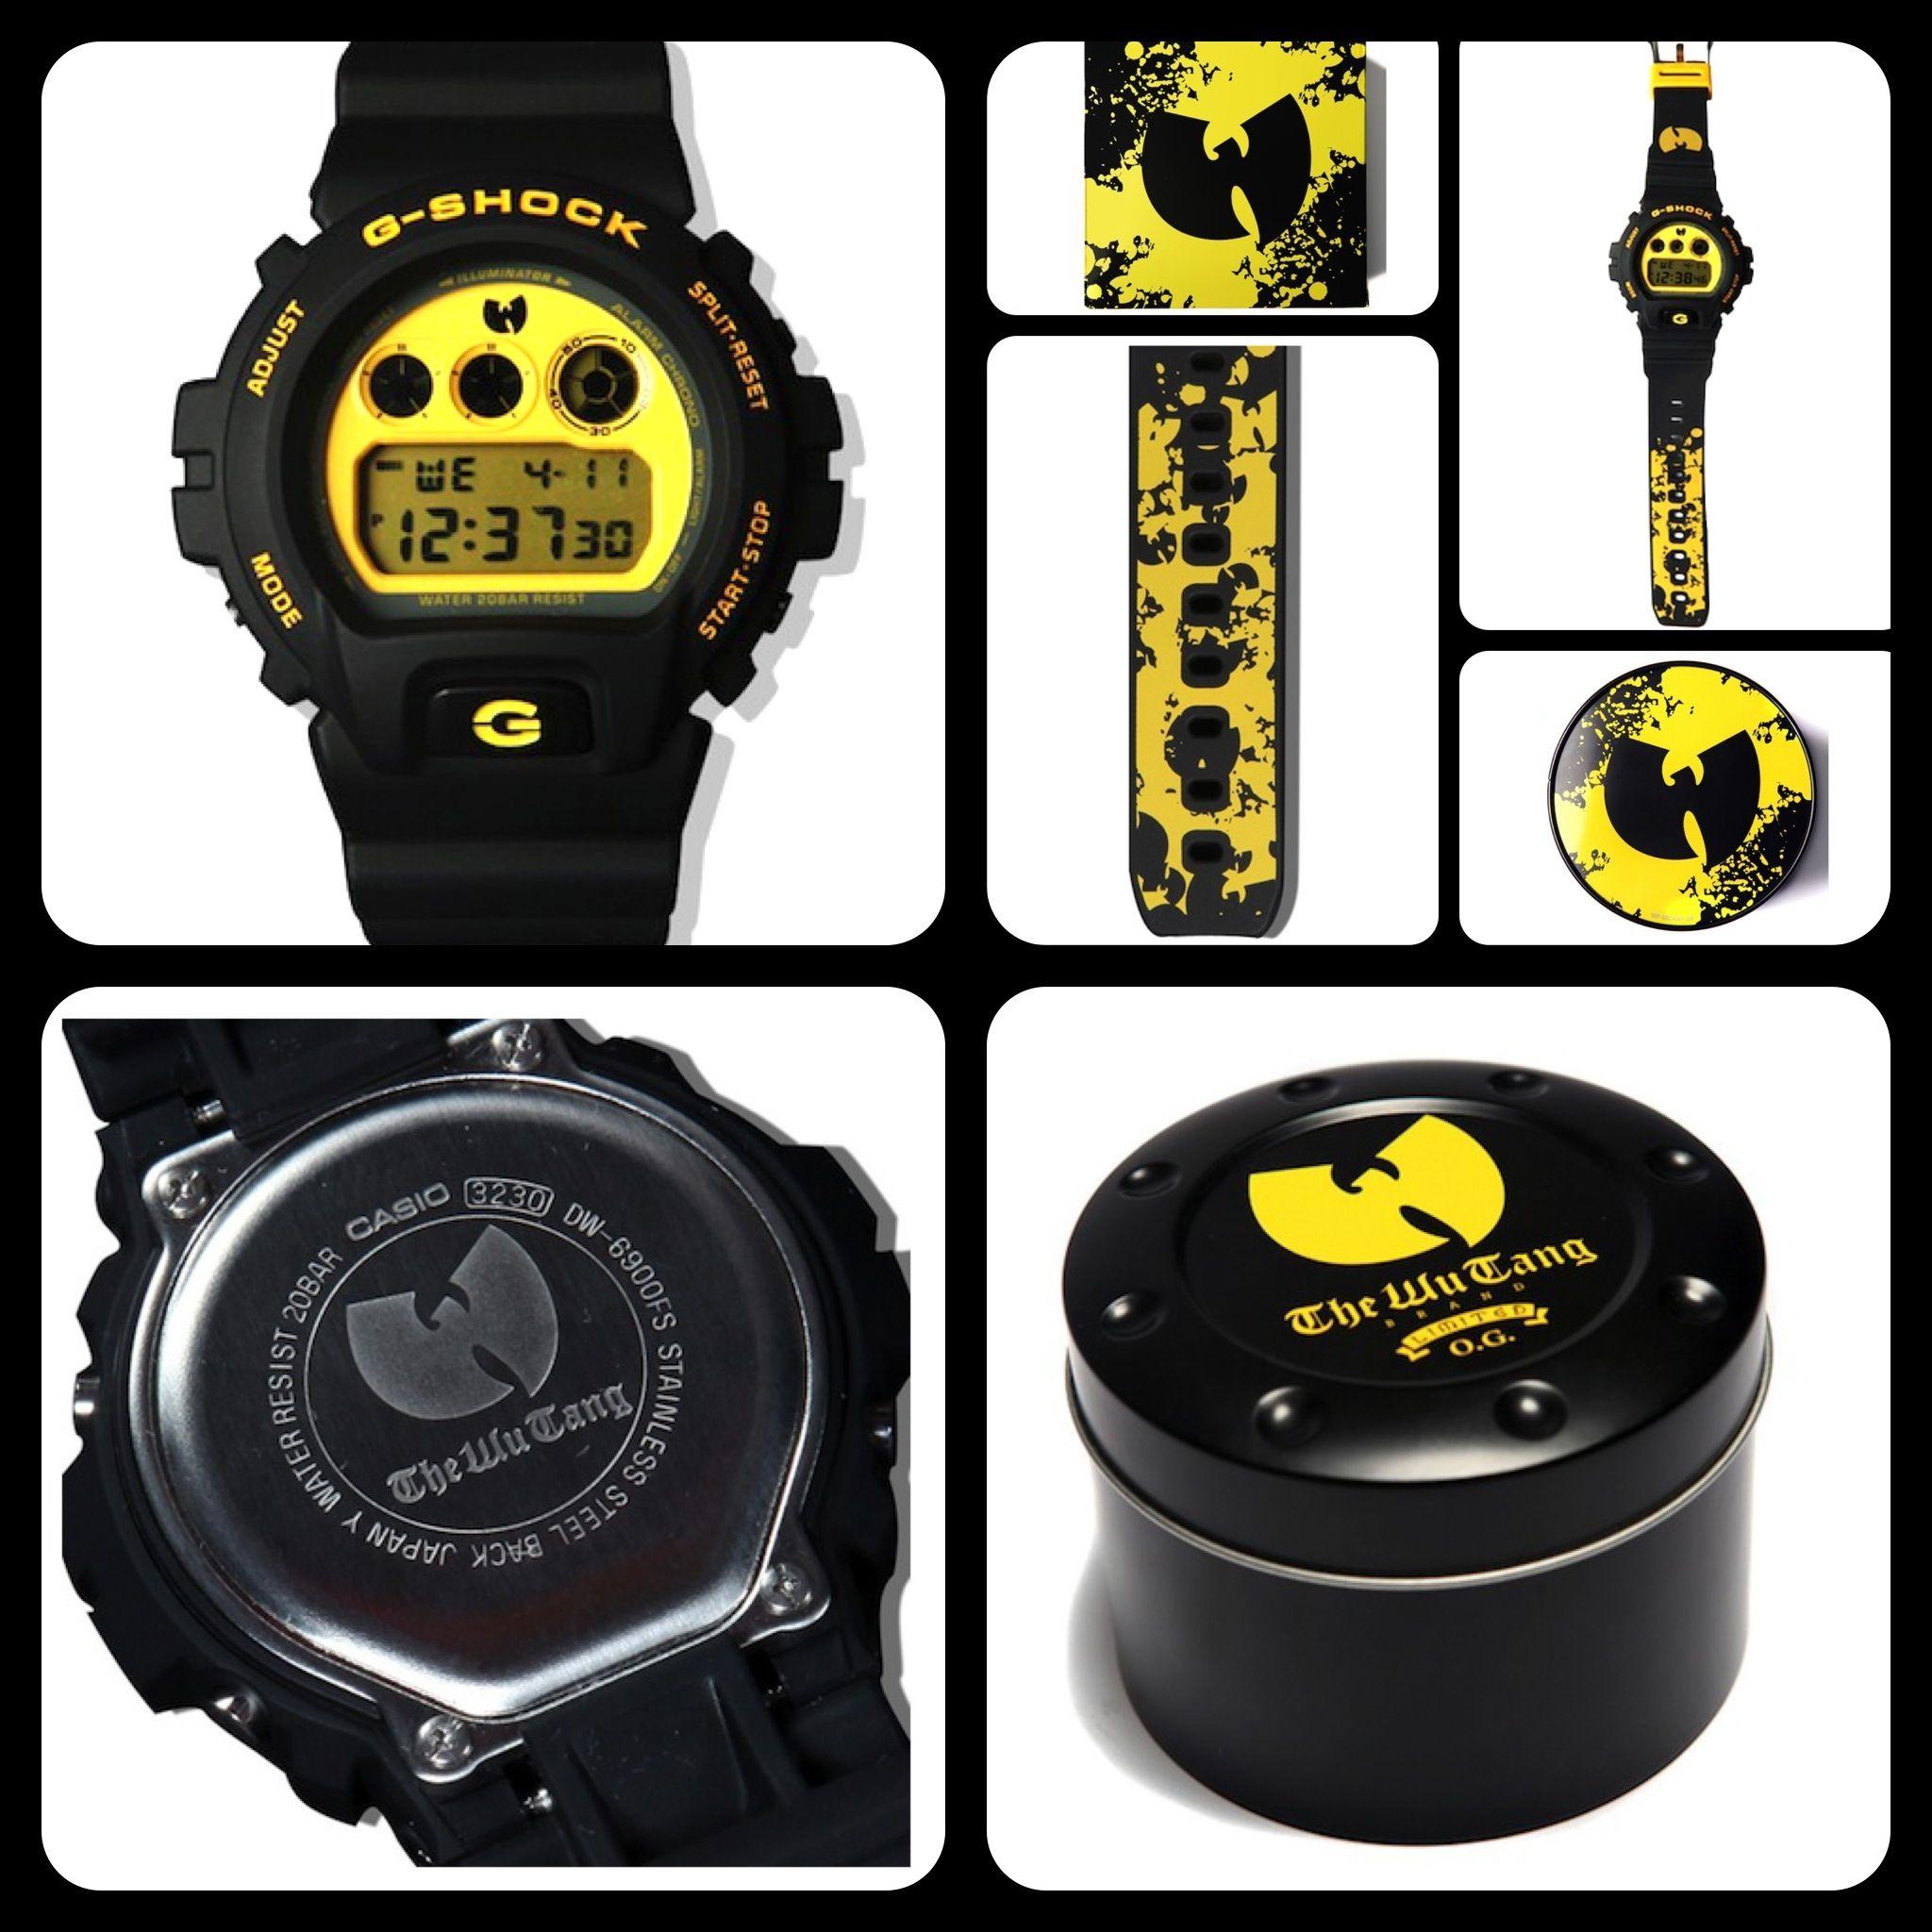 760429ea5a6 G-Shock X Wu-Tang Clan 20th Anniversary